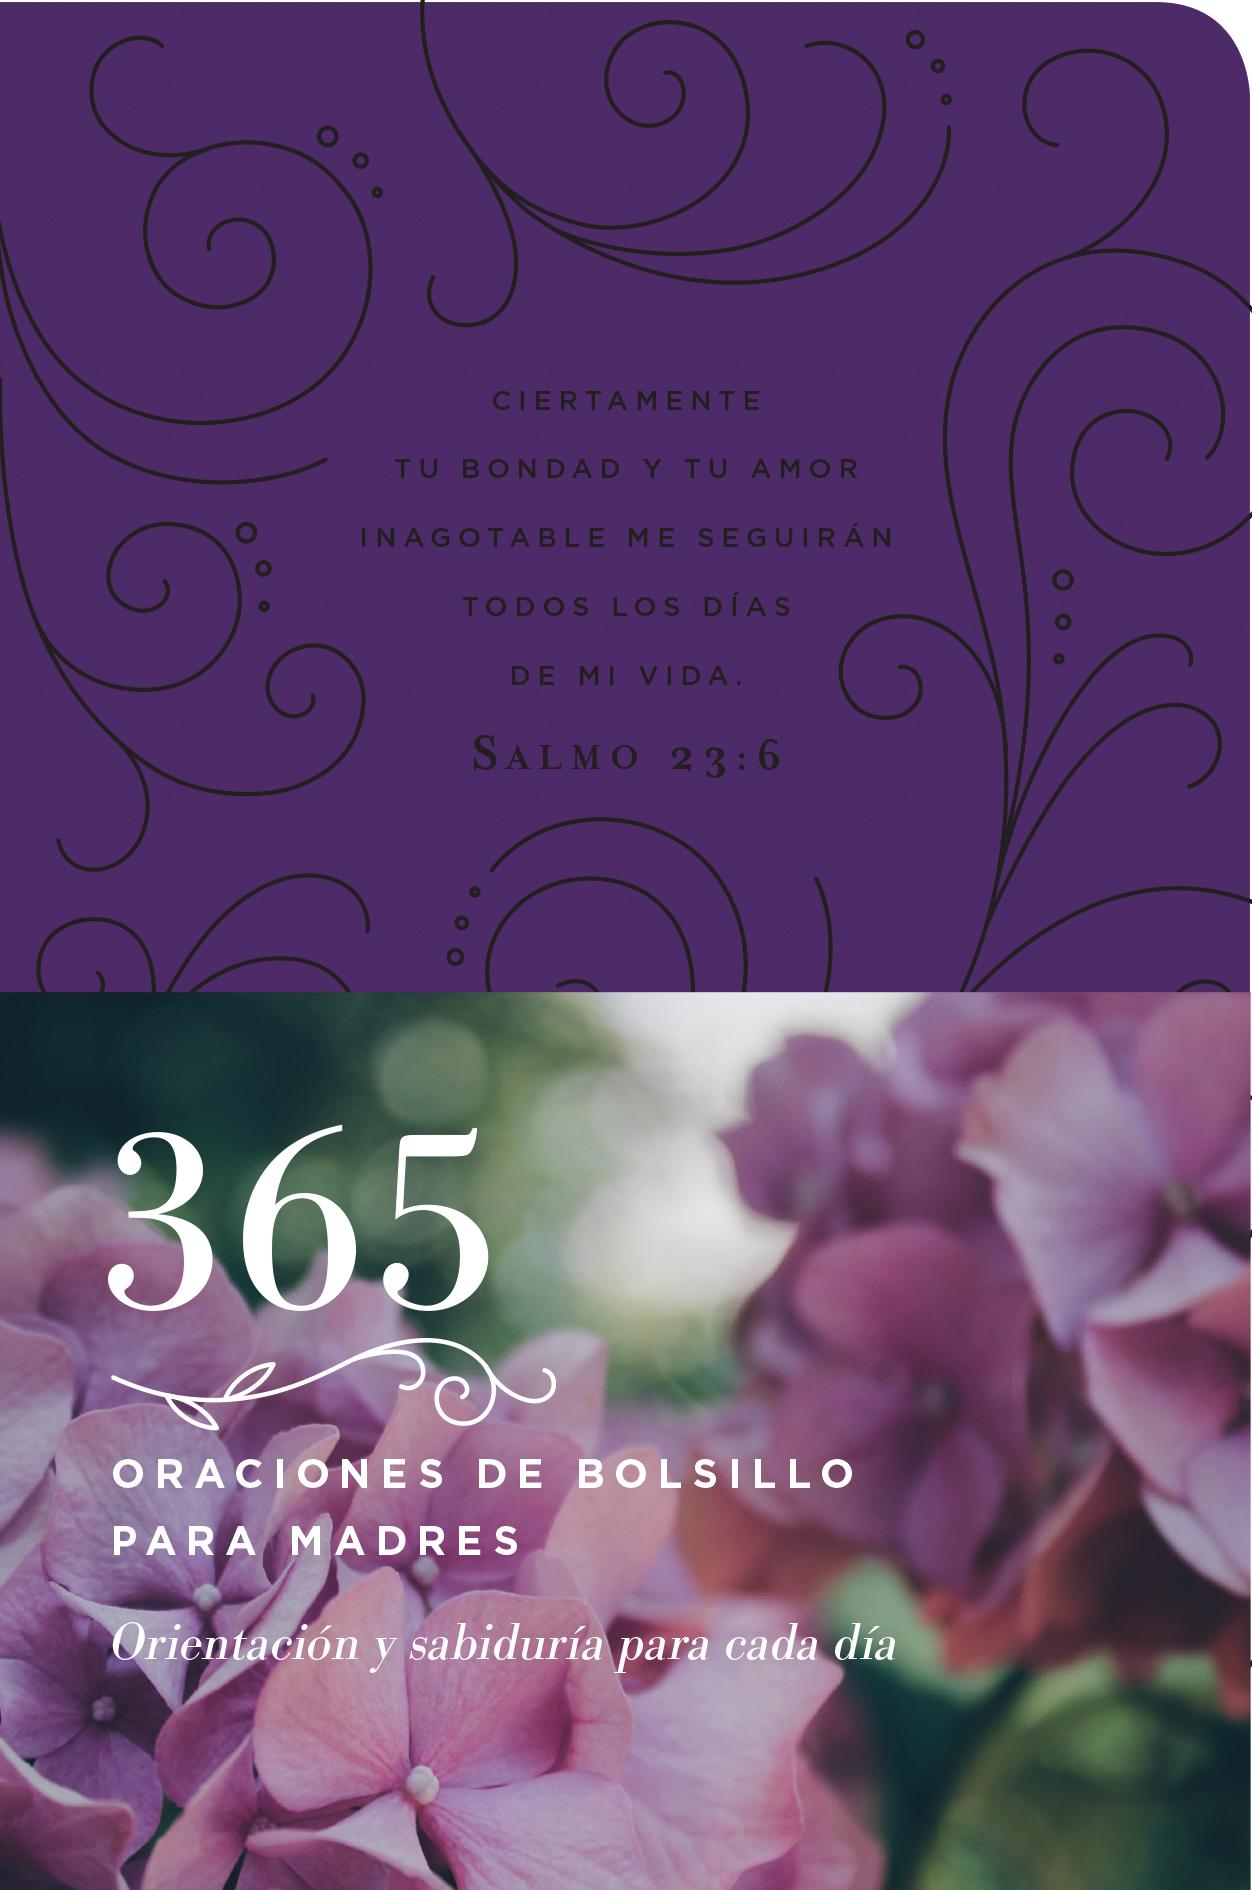 365 oraciones de bolsillo para madres